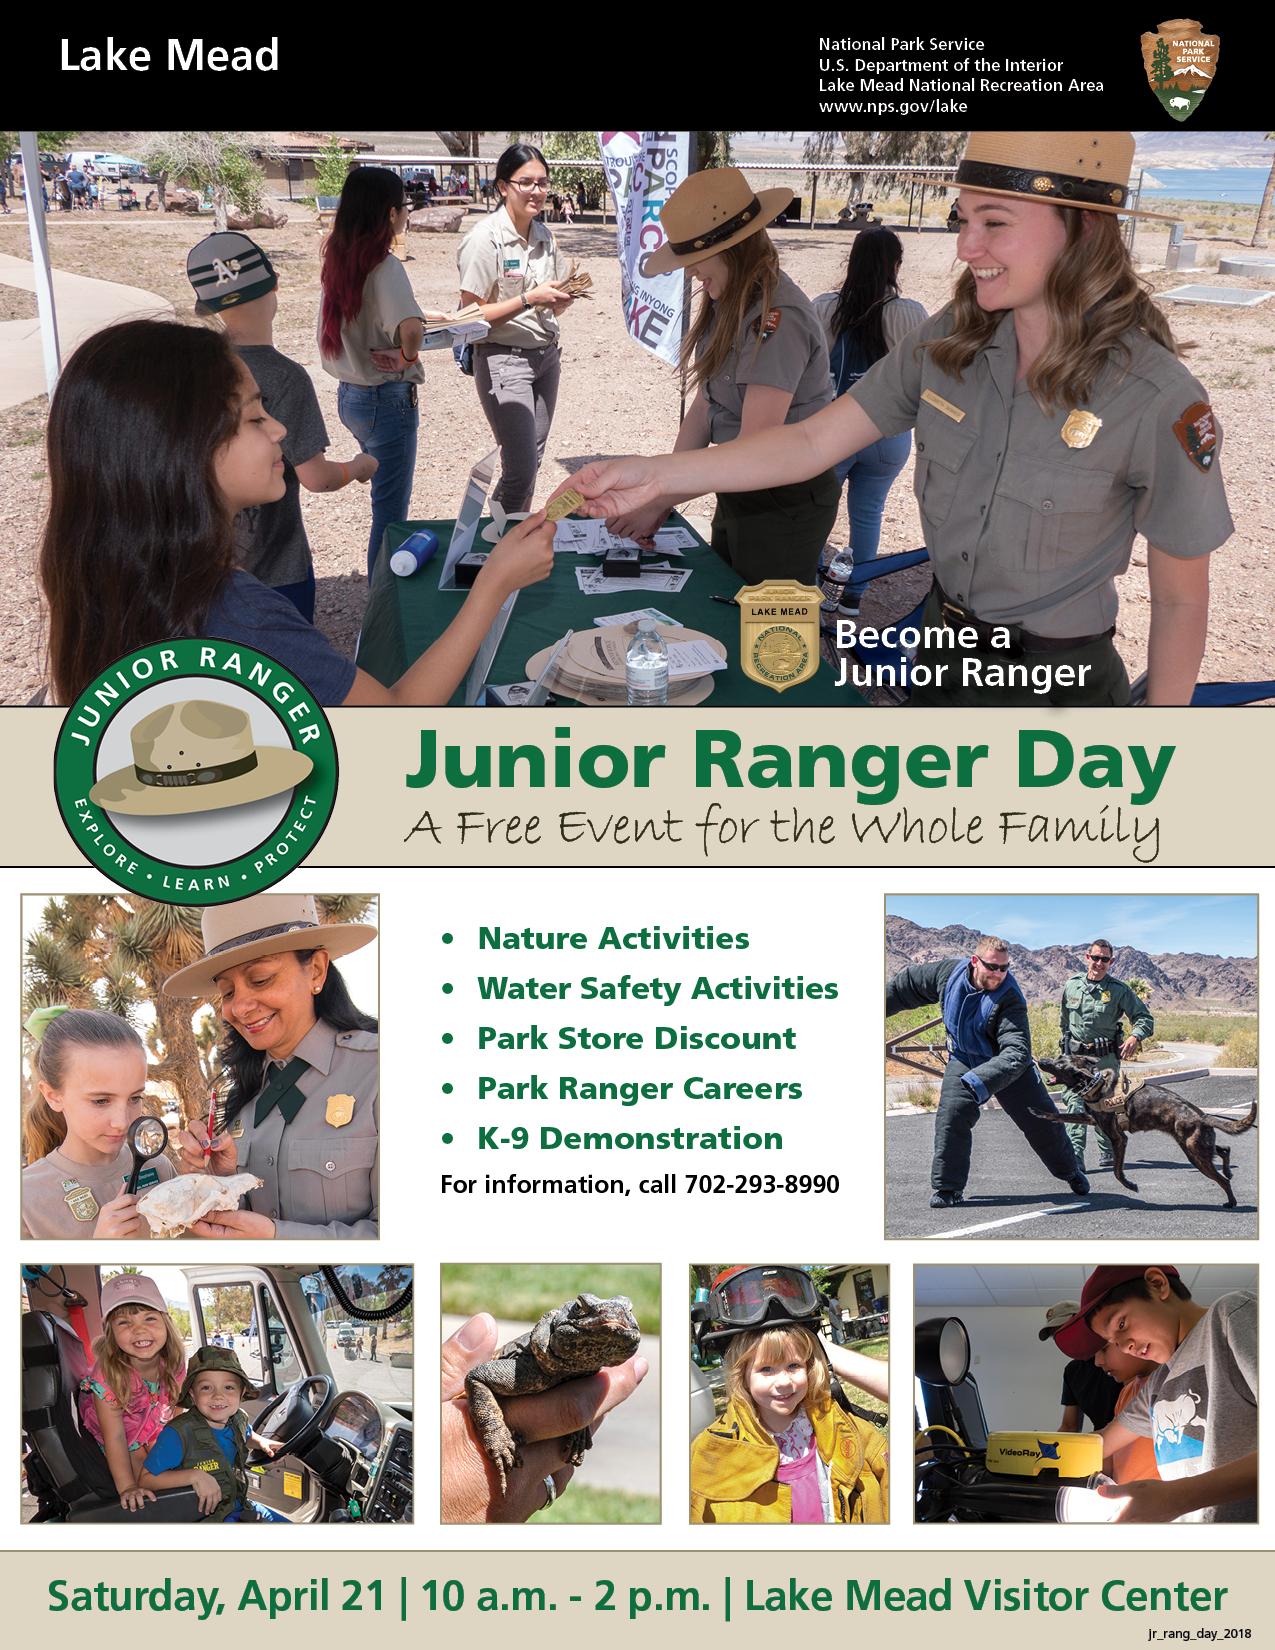 Jr_rang_day_2018 Boulder City, NV